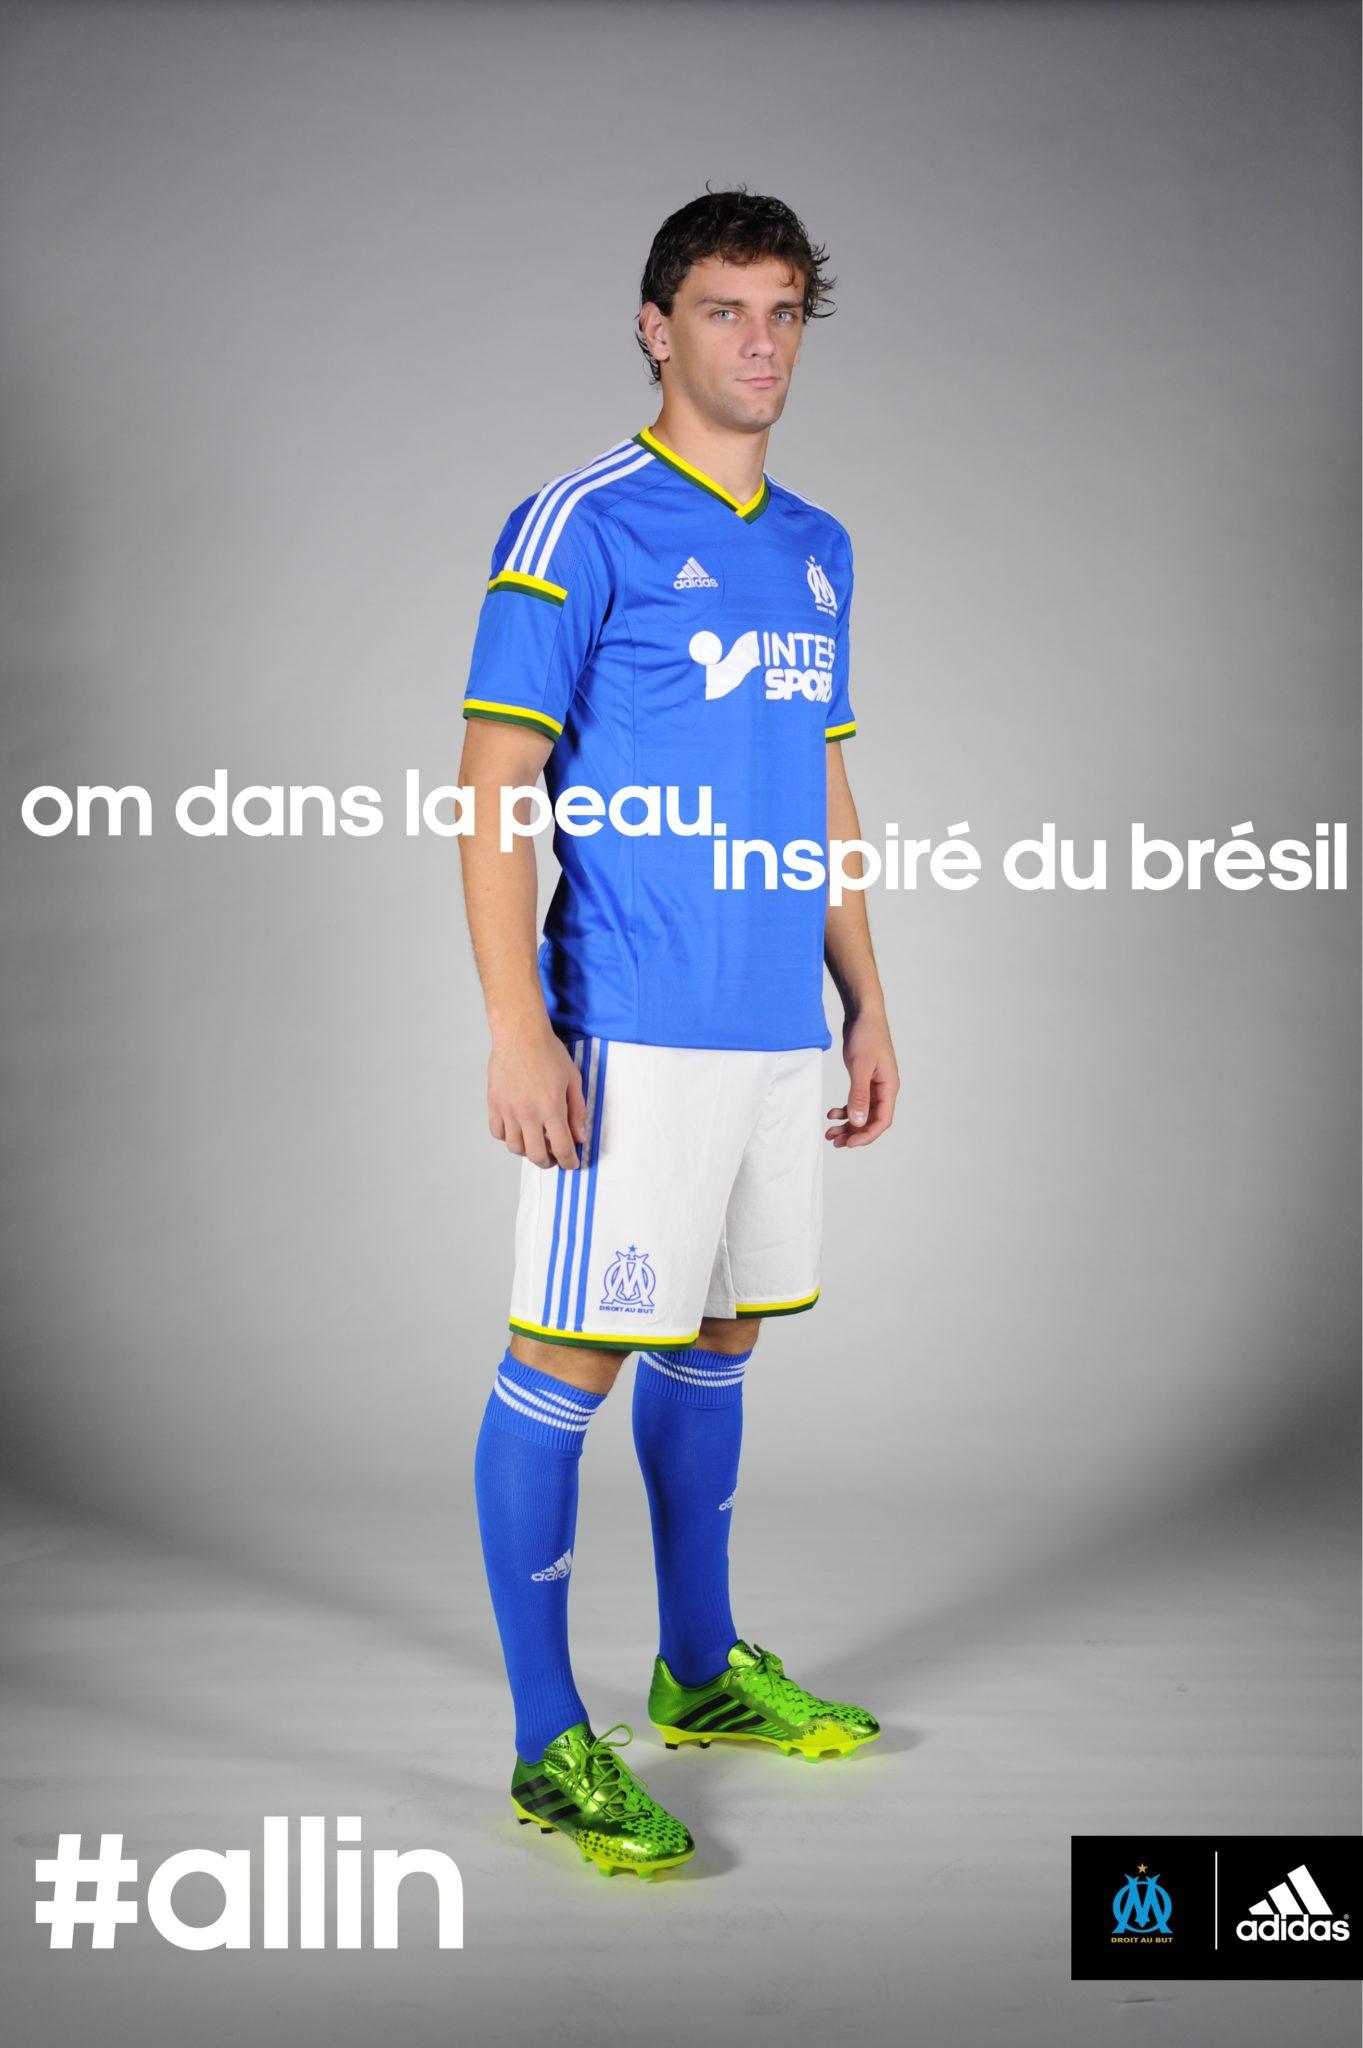 Inspiration brésilienne pour le nouveau maillot de l'OM